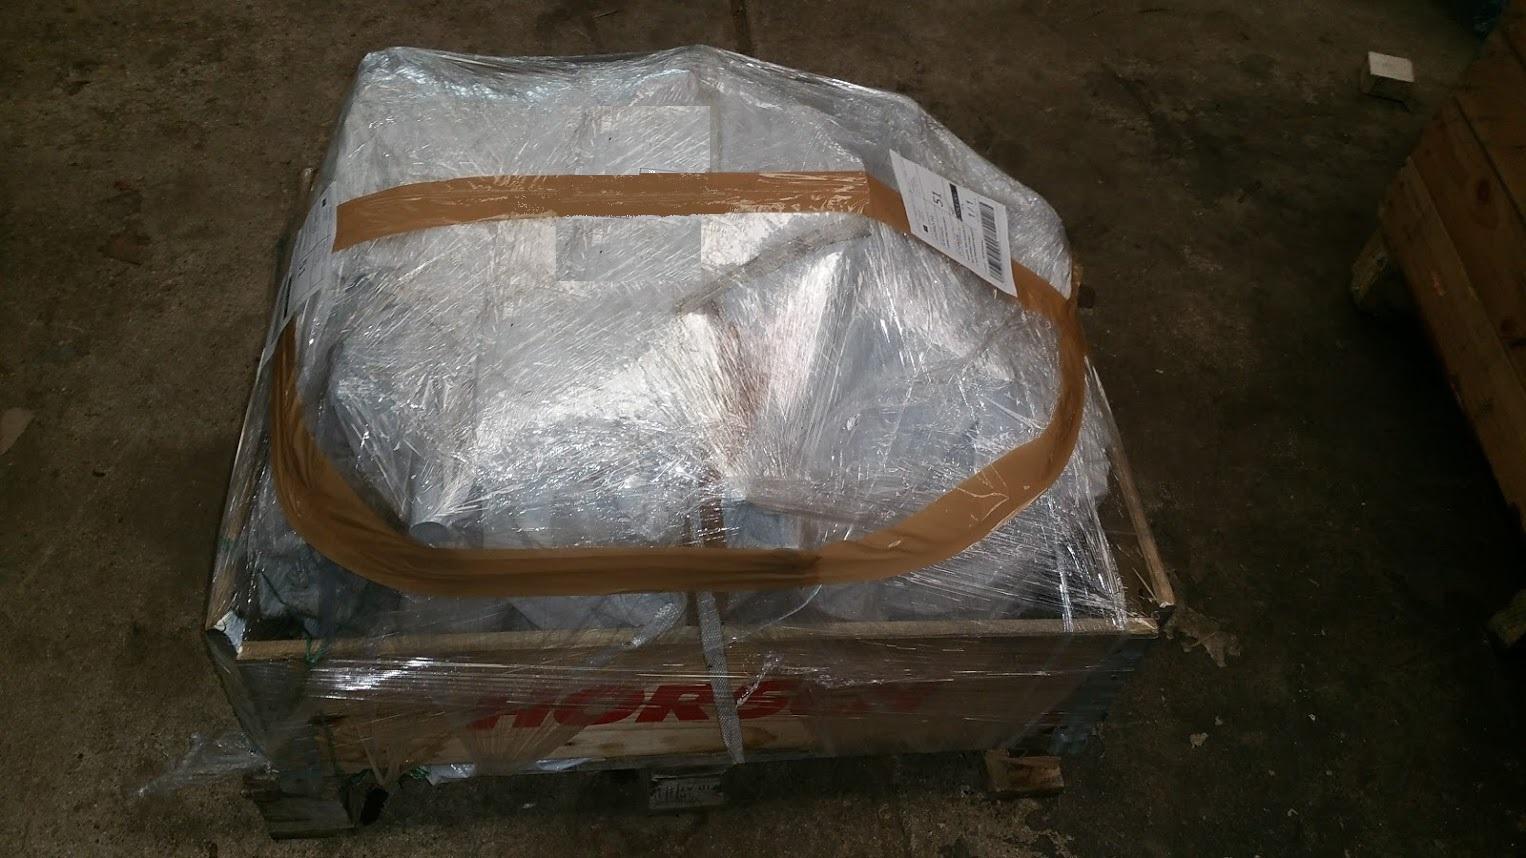 emballage-transmission-vario-fendt-massey